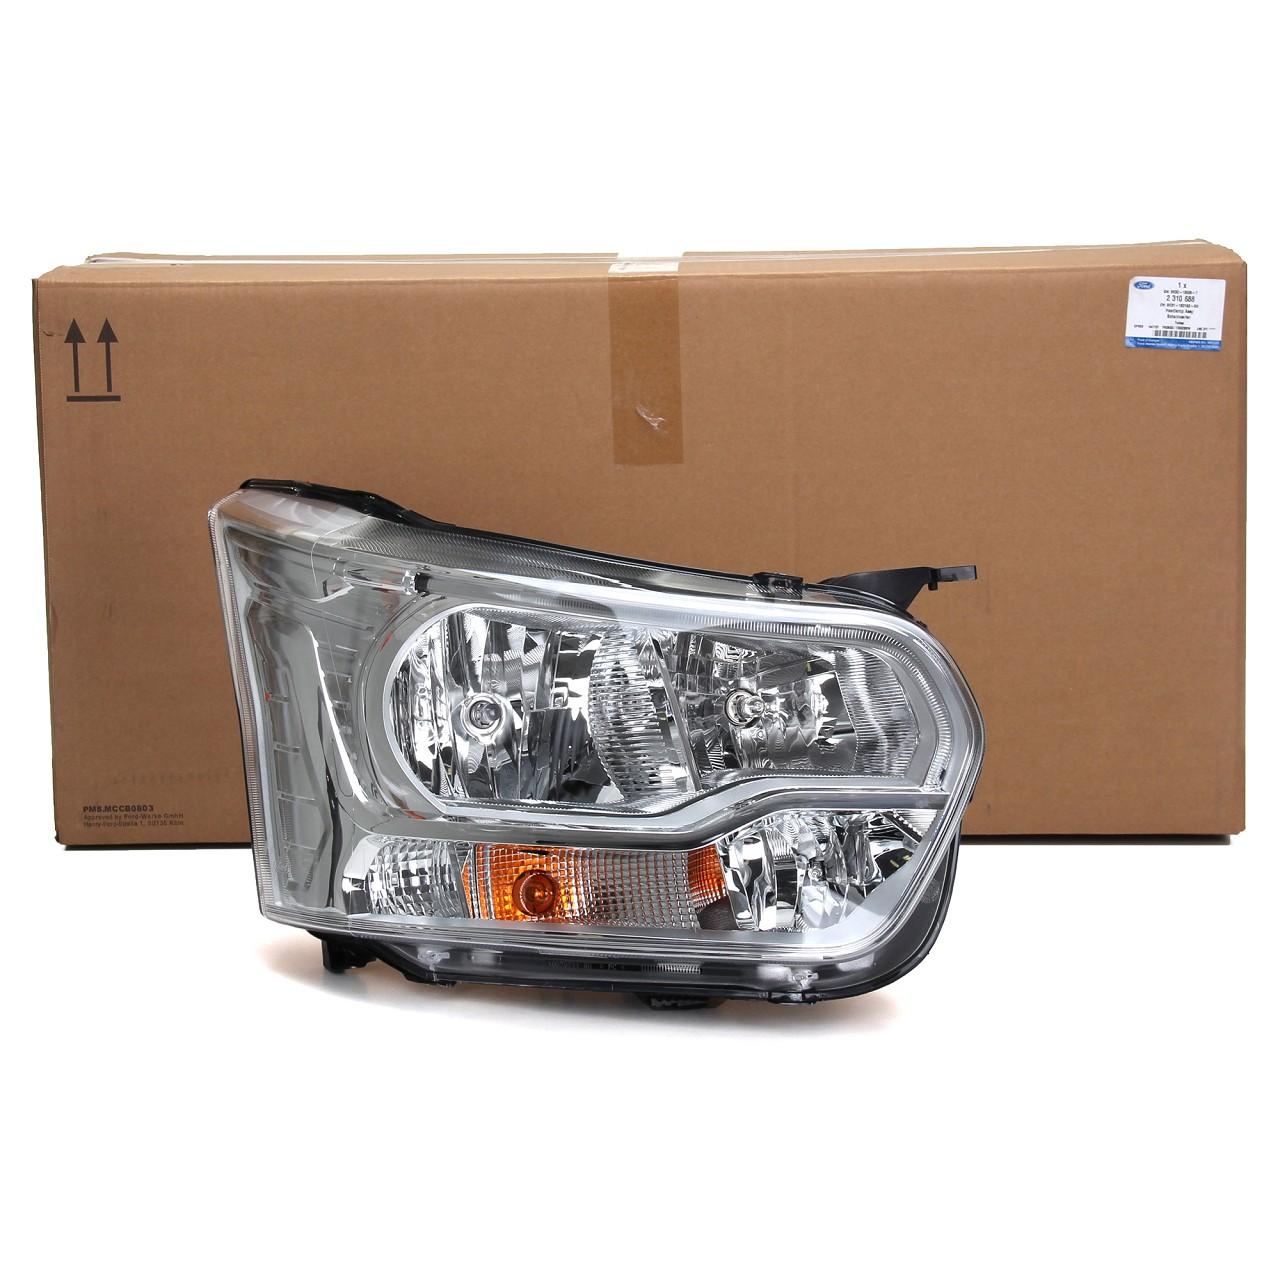 ORIGINAL Ford Scheinwerfer HALOGEN für TRANSIT ab 01.2014 rechts 1877019